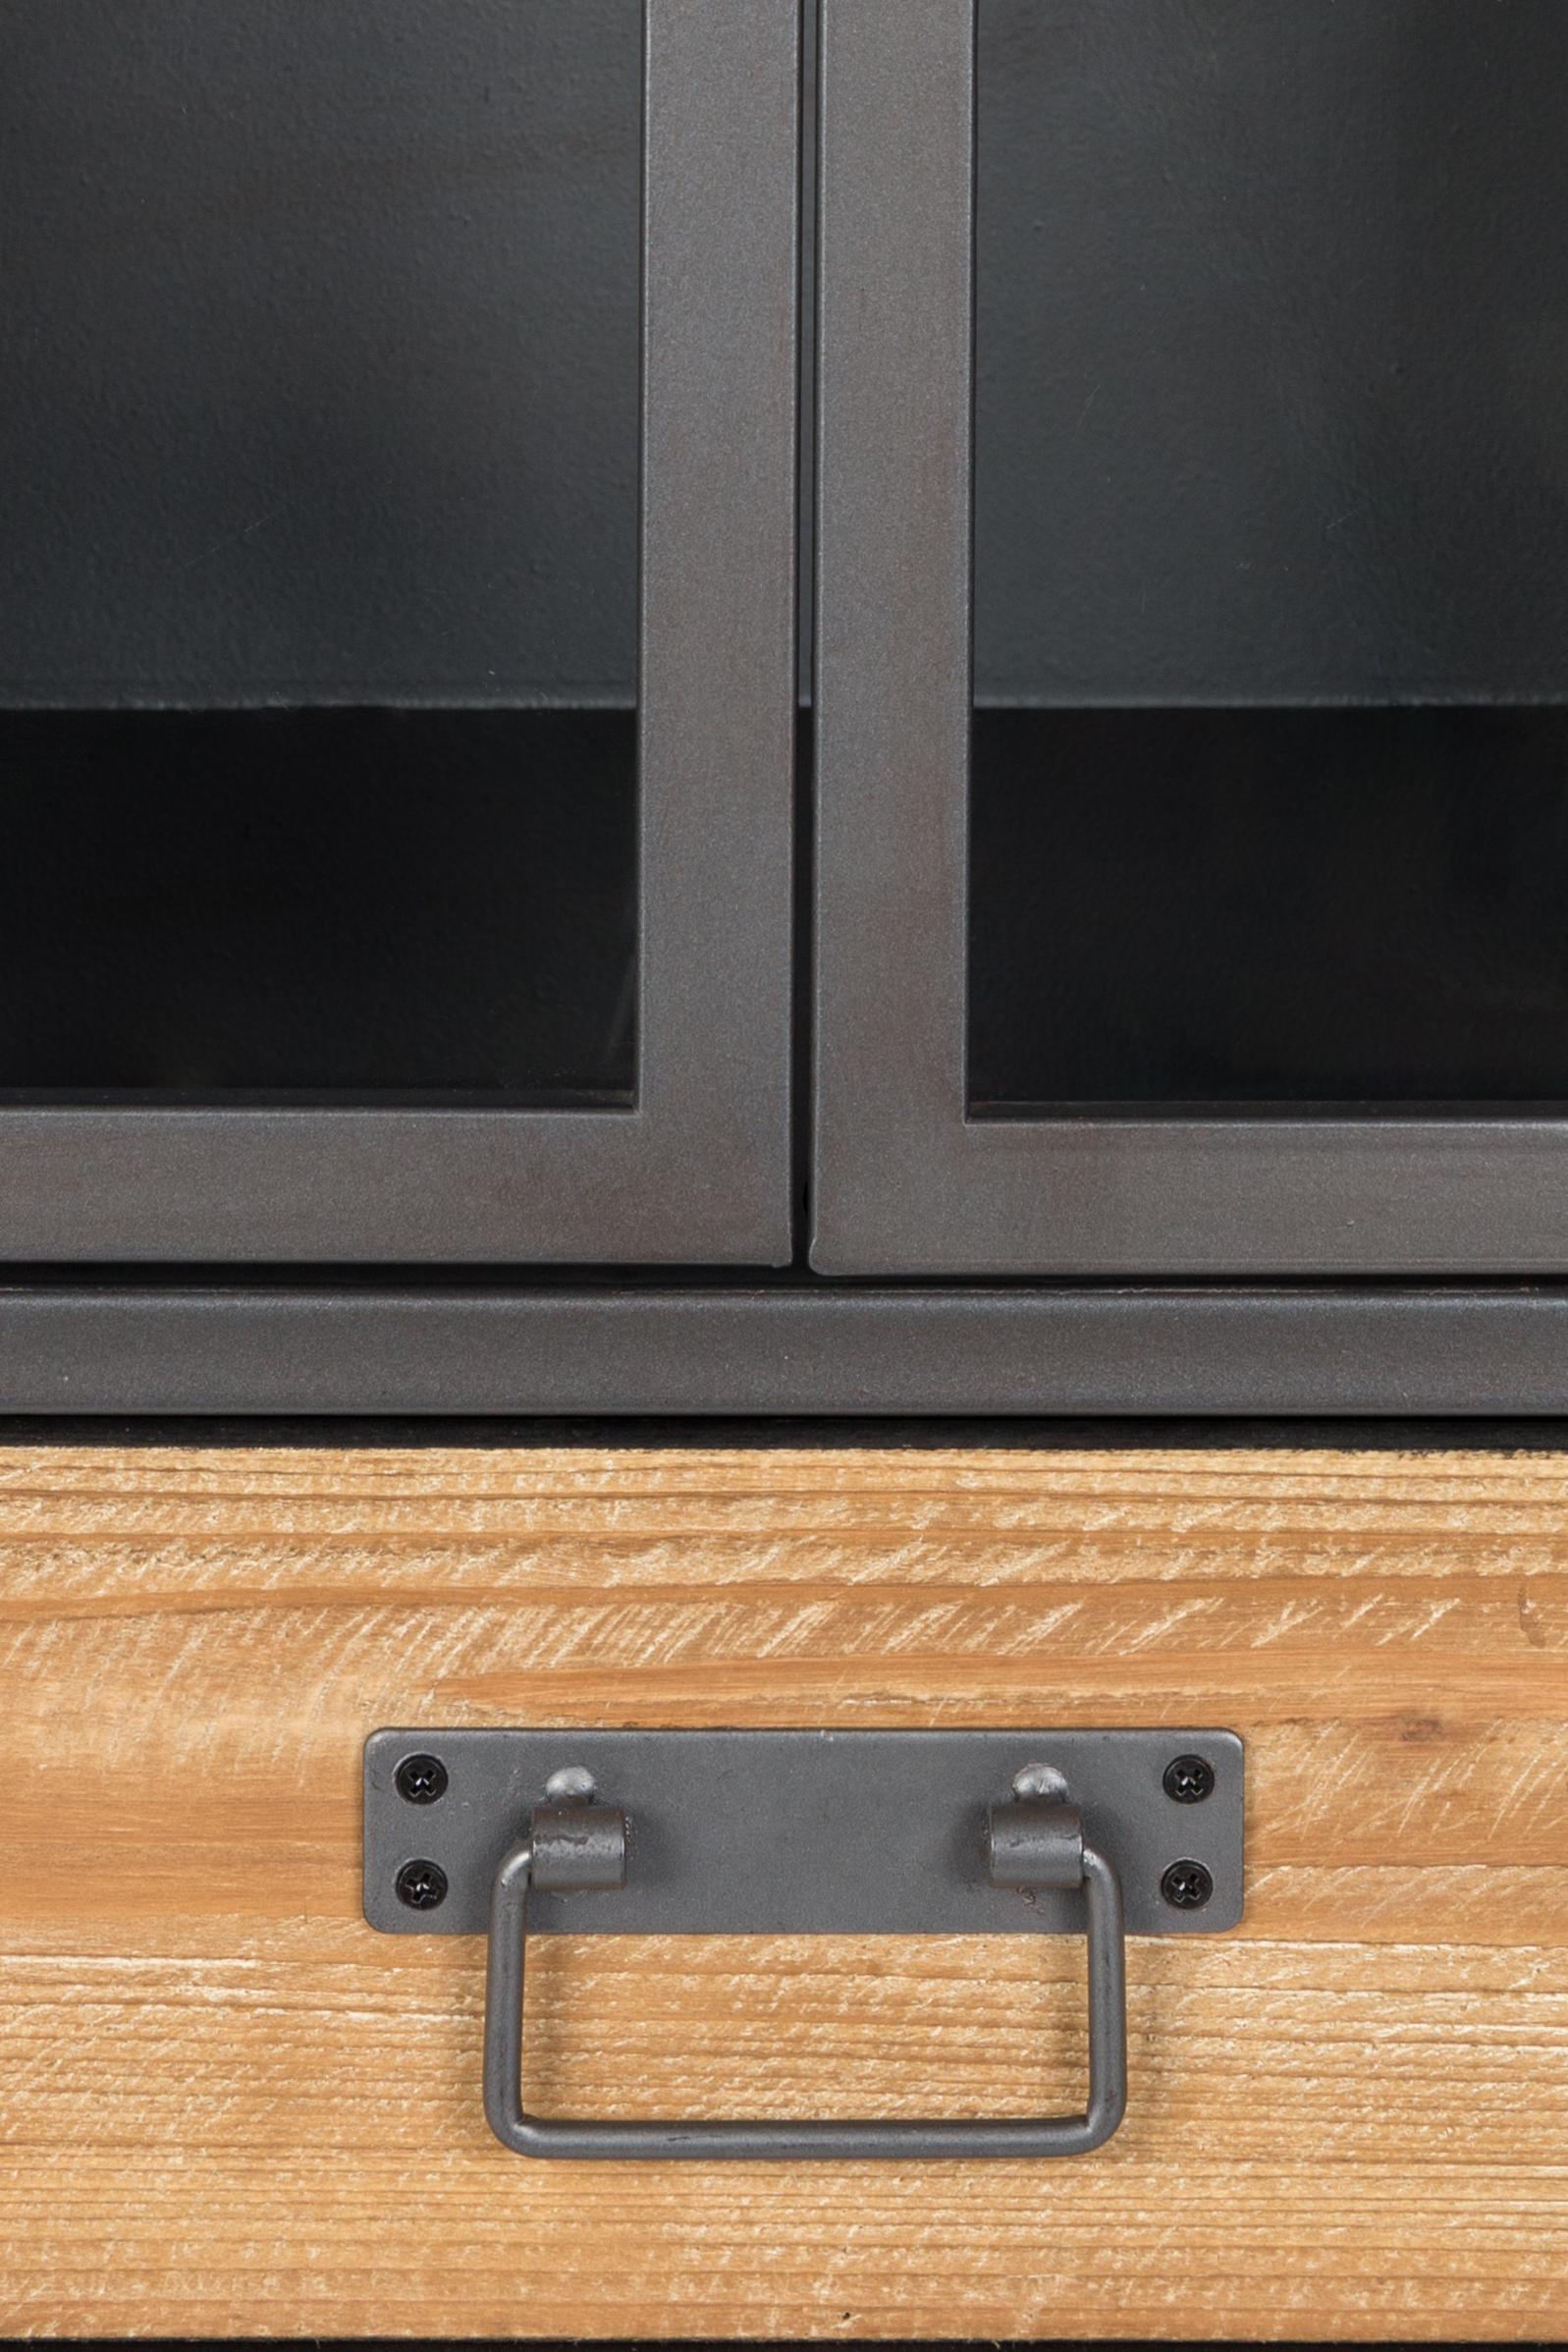 Vitrinenschrank Damian aus Holz und Metall, Einlegeböden: Tannenholz, Schrank, Schubladen: TannenholzGestell, Griffe: GrauTüren: Transparent, 52 x 109 cm